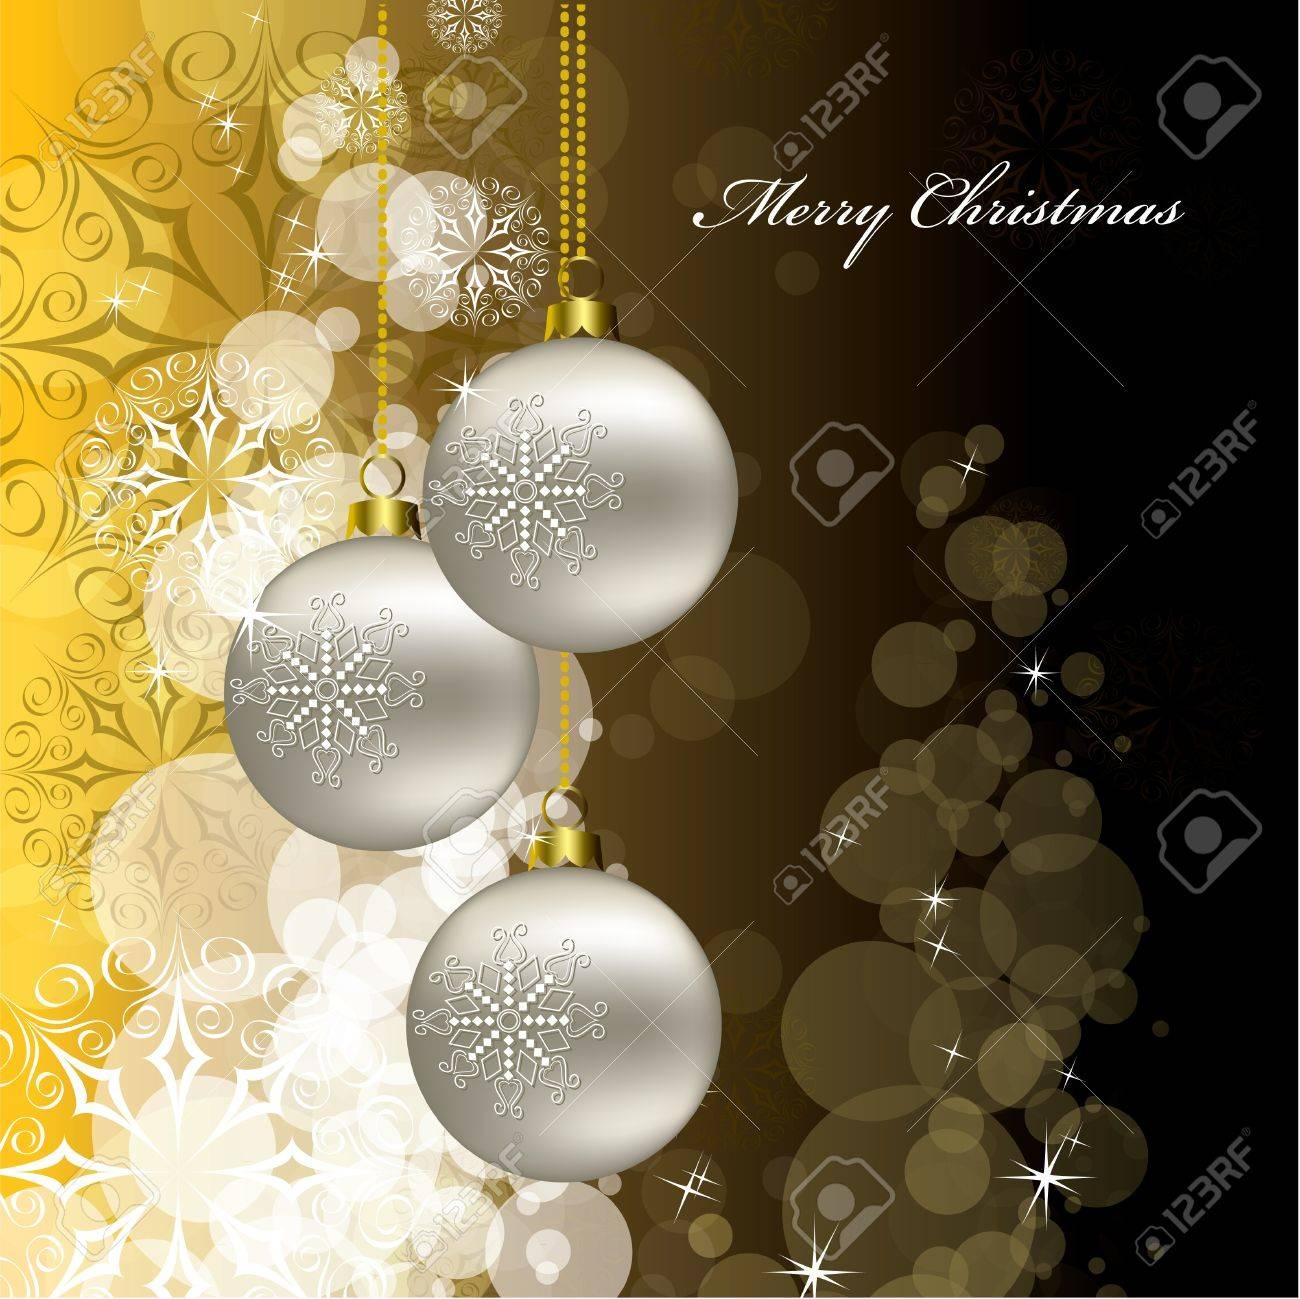 Christmas Background illustration - 16052706